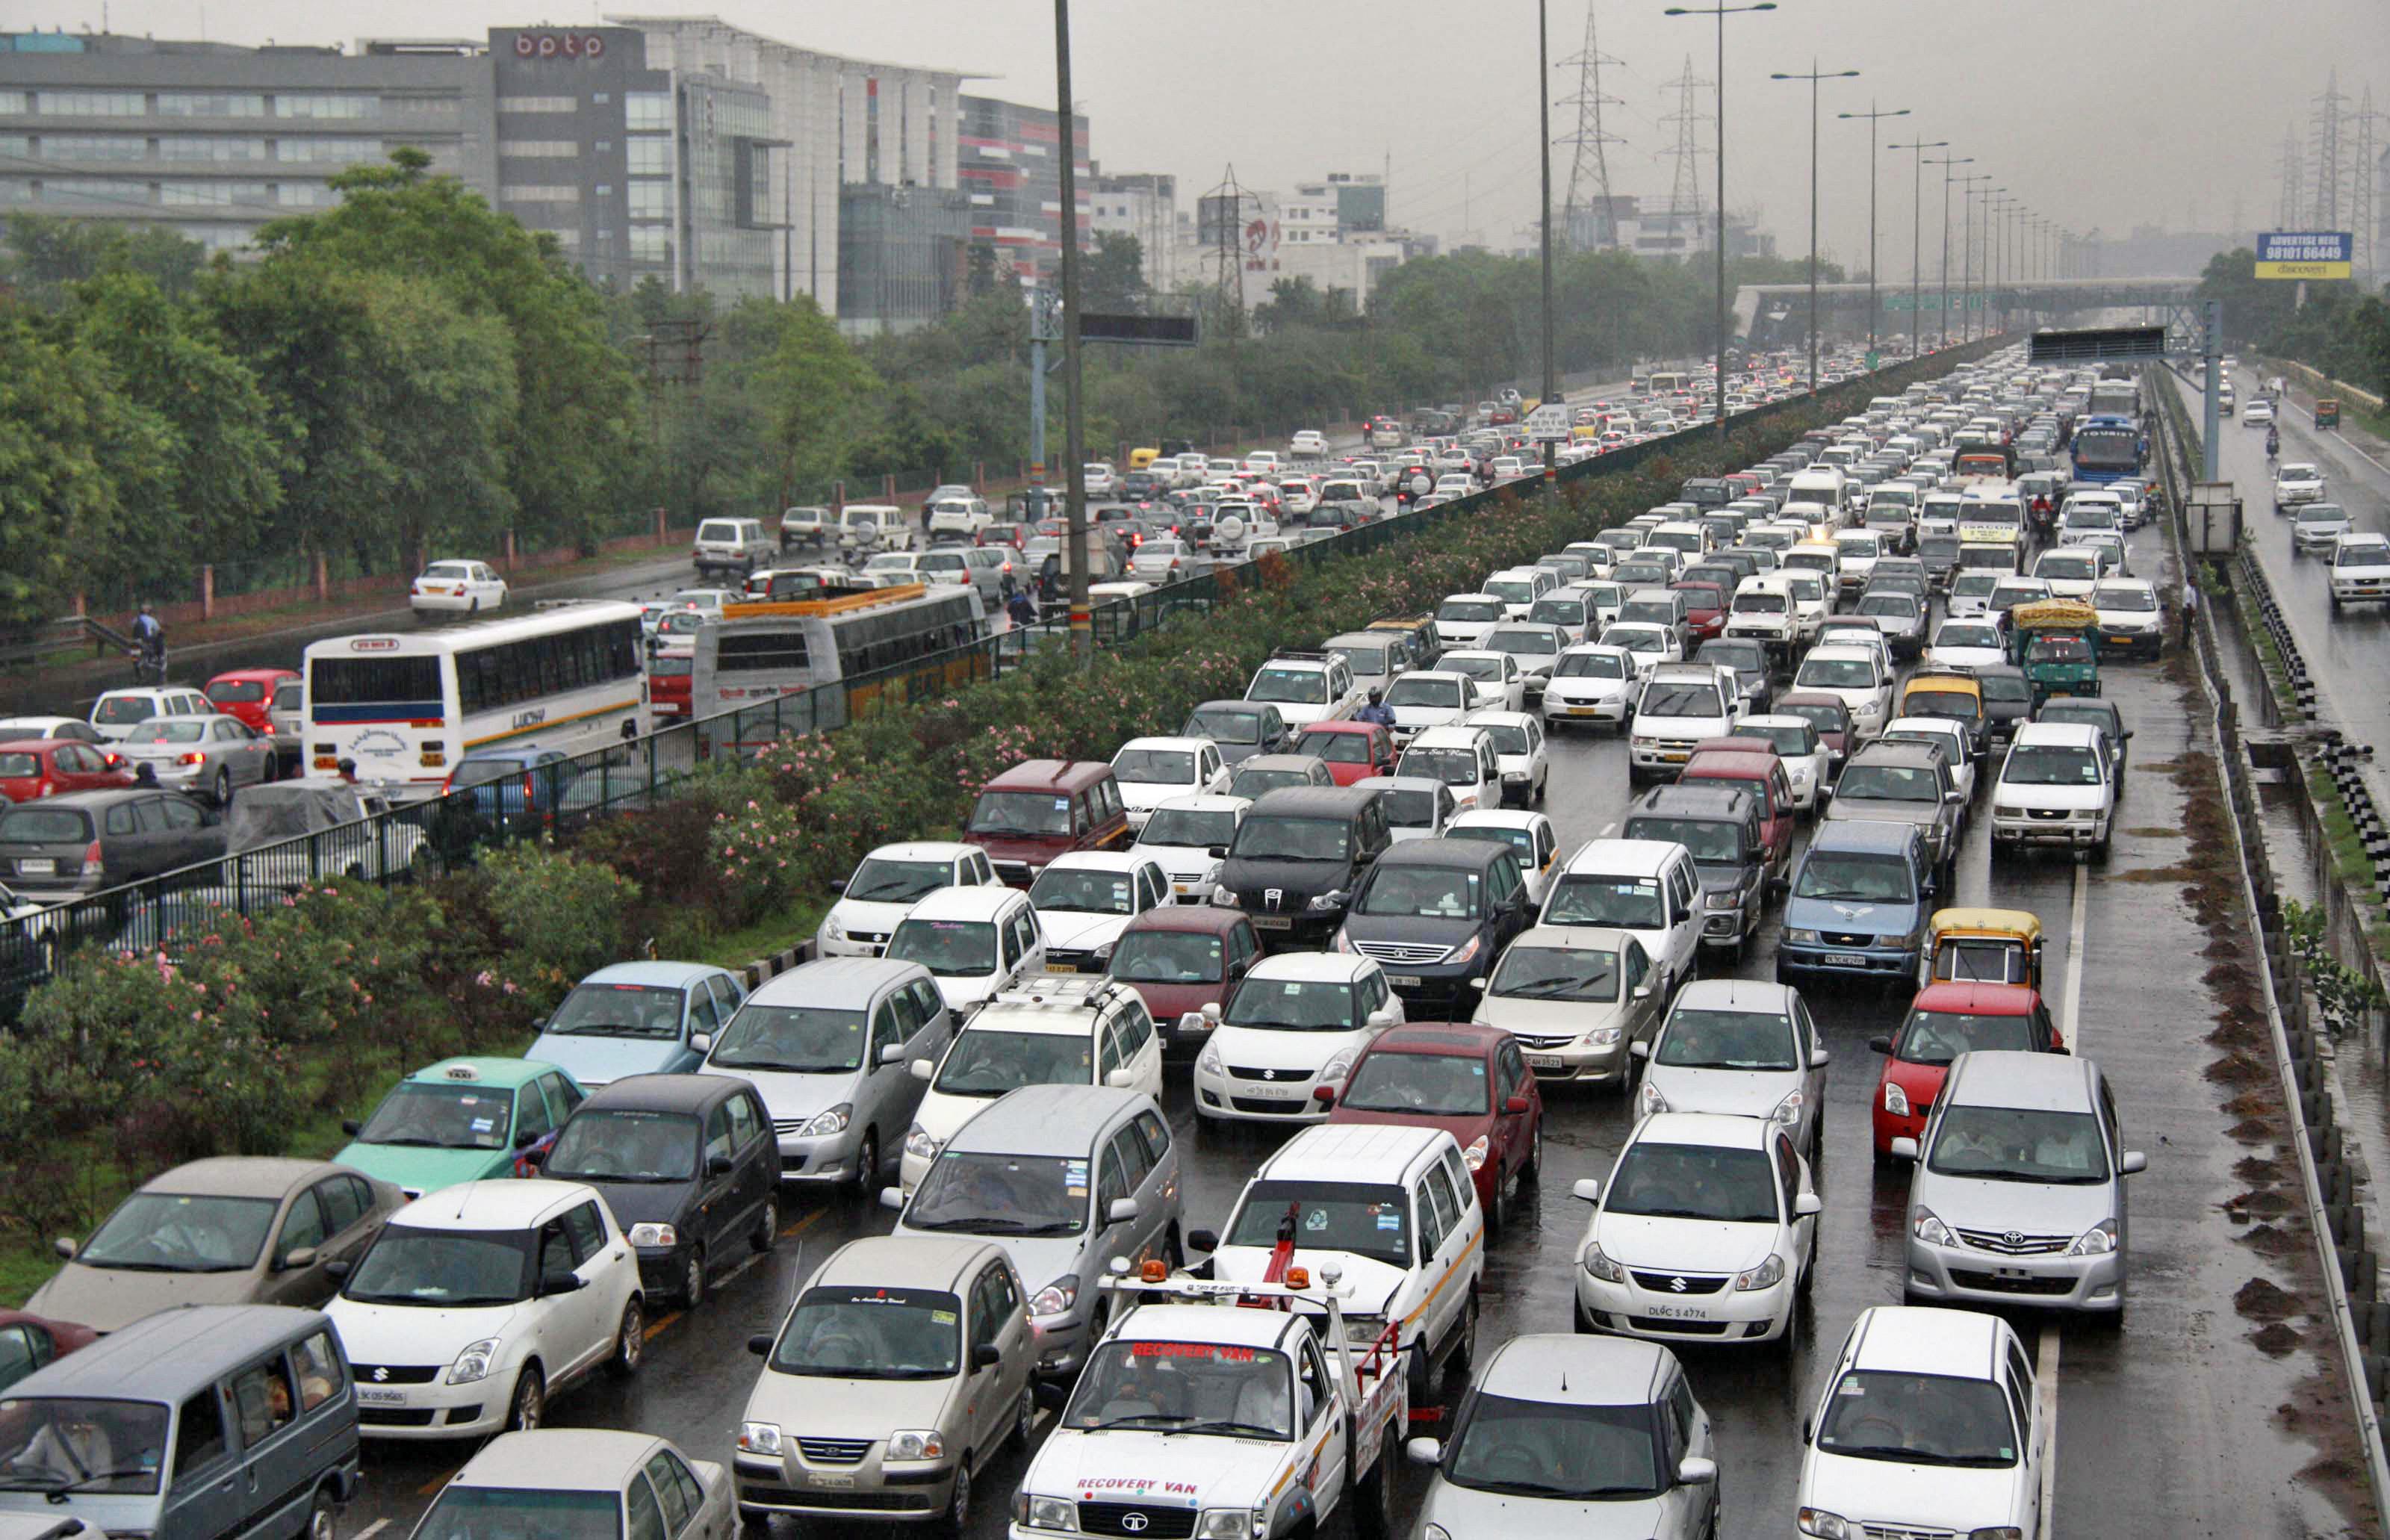 દિલ્હીમાં વધતા પ્રદુષણના સ્તરને કારણે 13 નવેમ્બરથી ફરી લાગુ થશે ઓડ-ઇવન ફોર્મ્યુલા